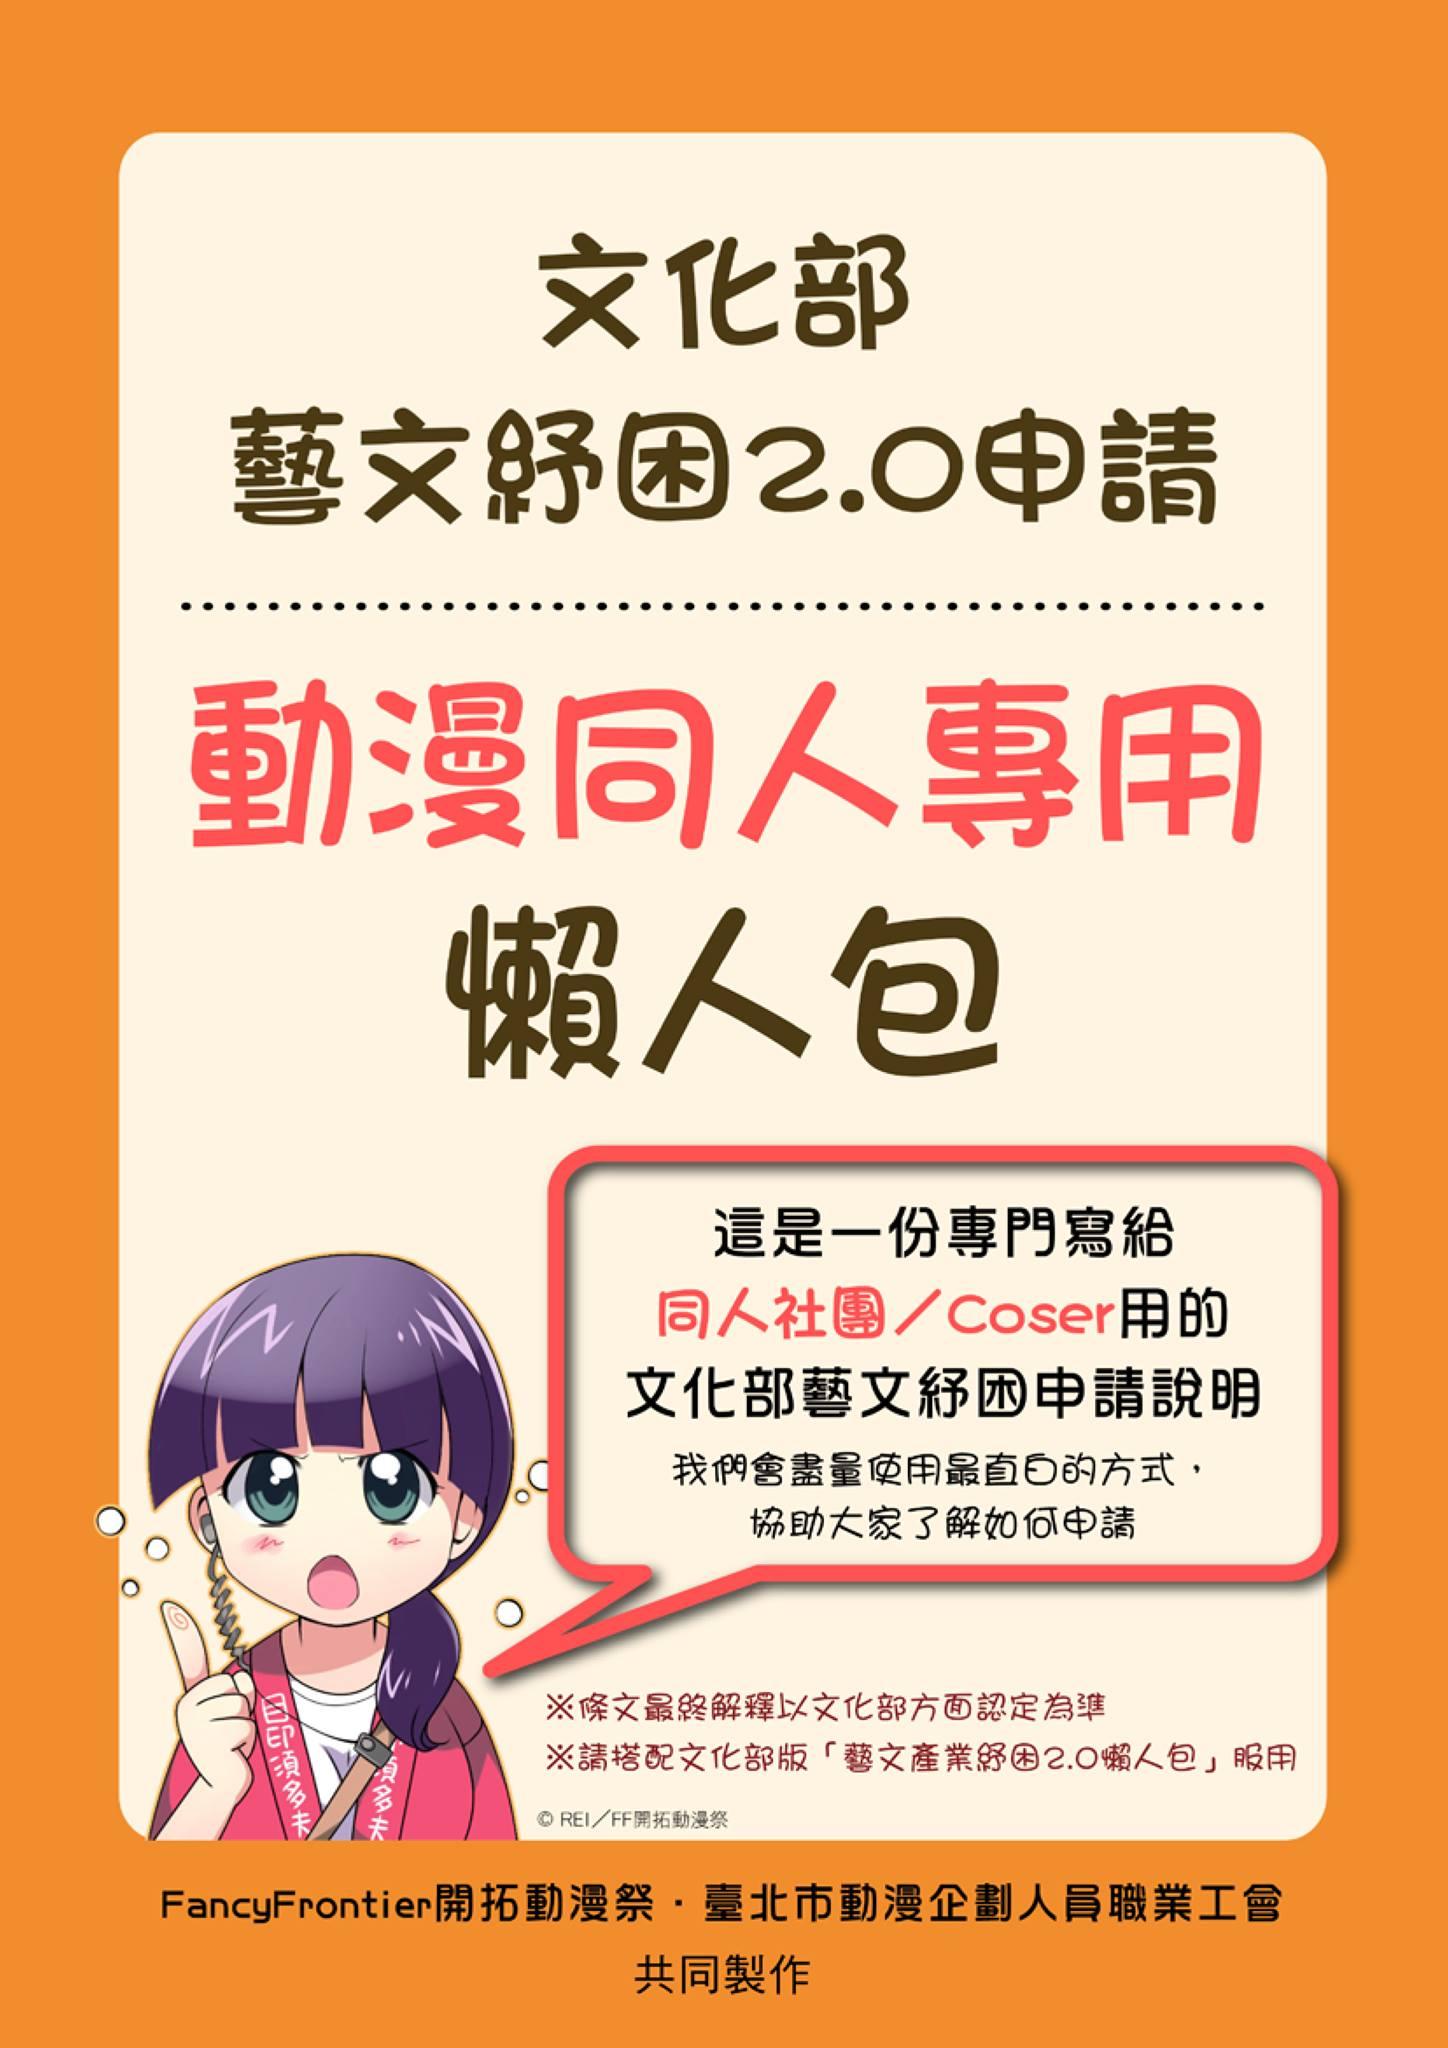 【台灣政府對動漫、藝術文化界的支援】